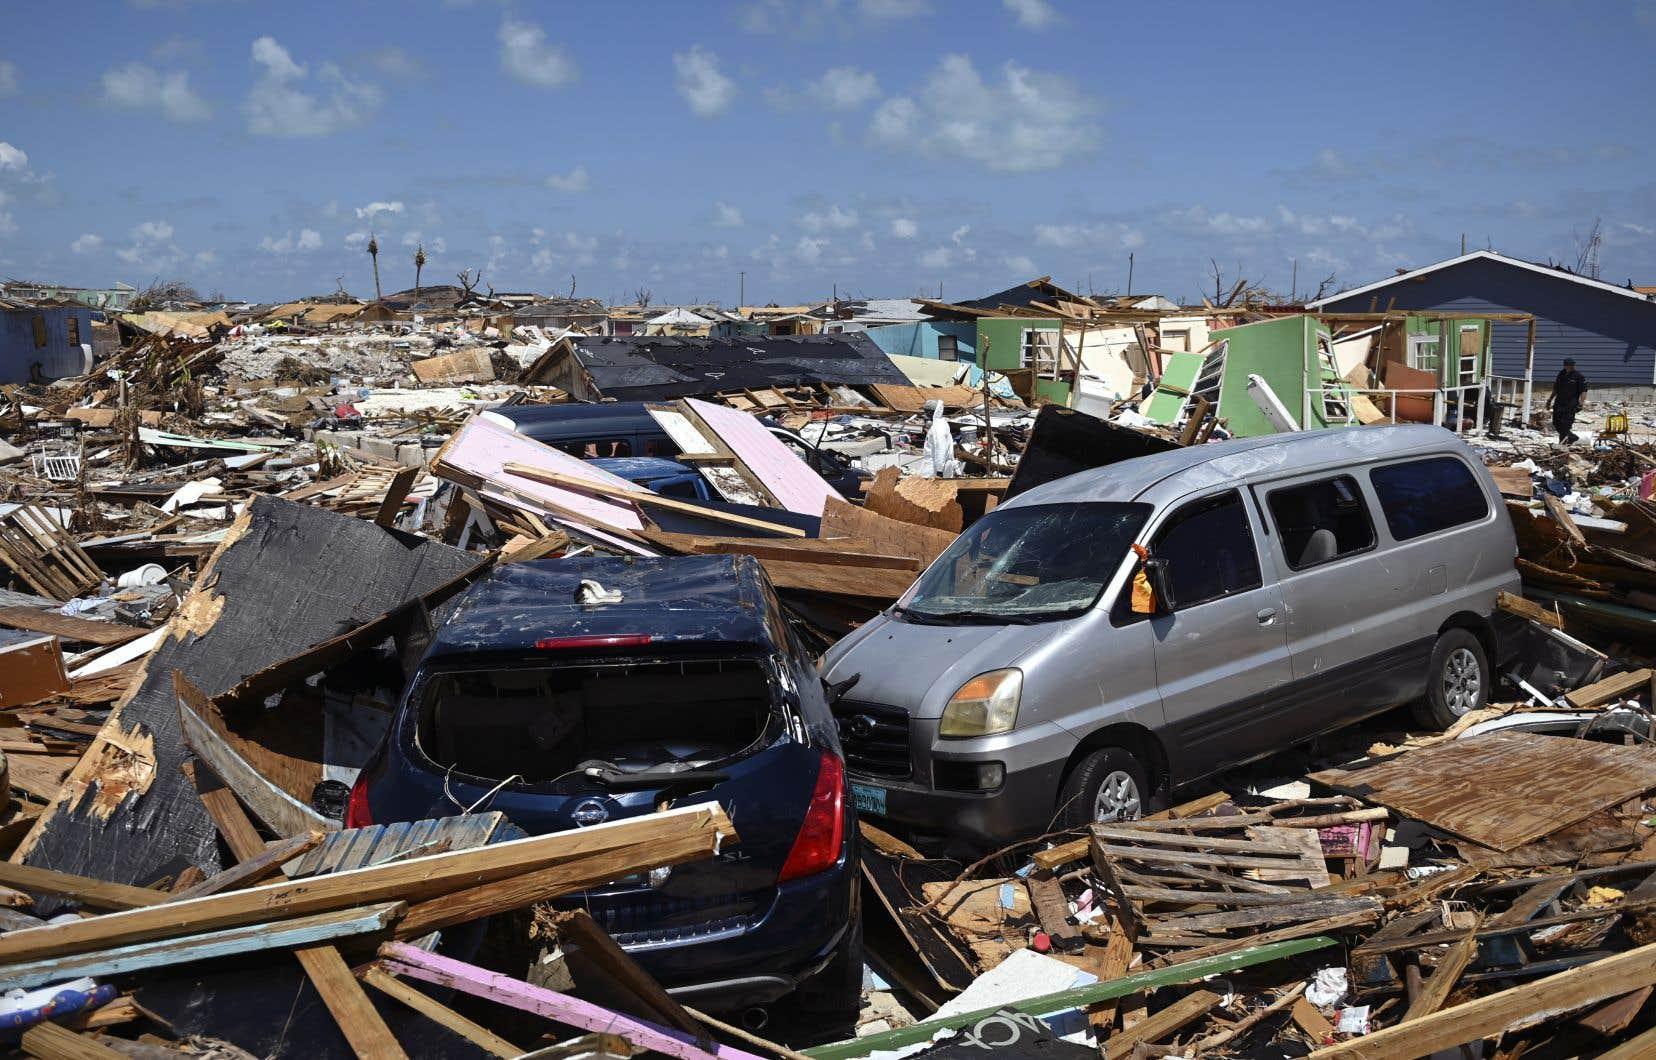 Le nord de l'archipel des Bahamas reste plongé dans un grand chaos et la phase d'urgence n'y est pas terminée, la priorité étant d'évacuer les sinistrés des îles les plus dévastées.